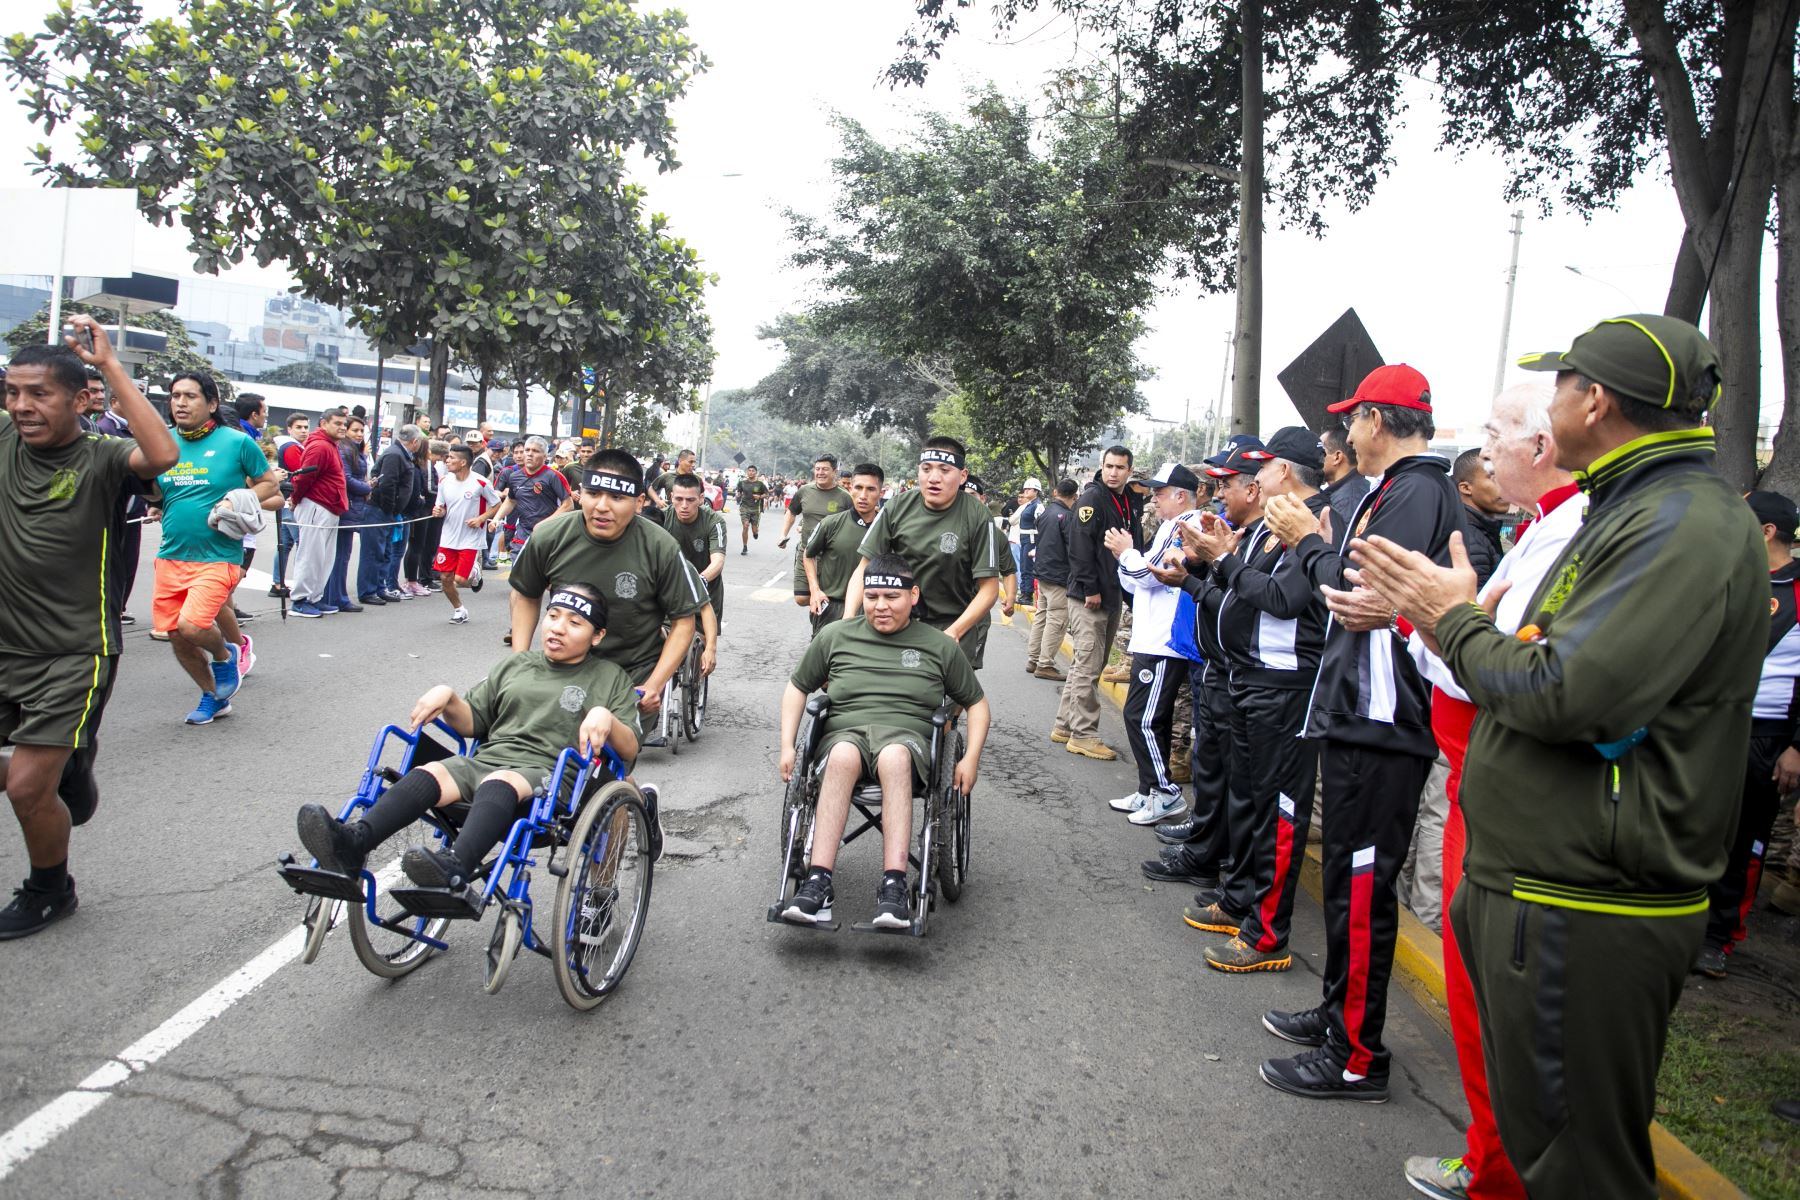 El presidente de la República Martín Vizcarra, participó en la ceremonia de inicio de la XVII edición de la Carrera Cívico Militar 7.5K, en el marco de las actividades por el Día de la s Fuerzas Armadas. Foto: ANDINA/Prensa Presidencia